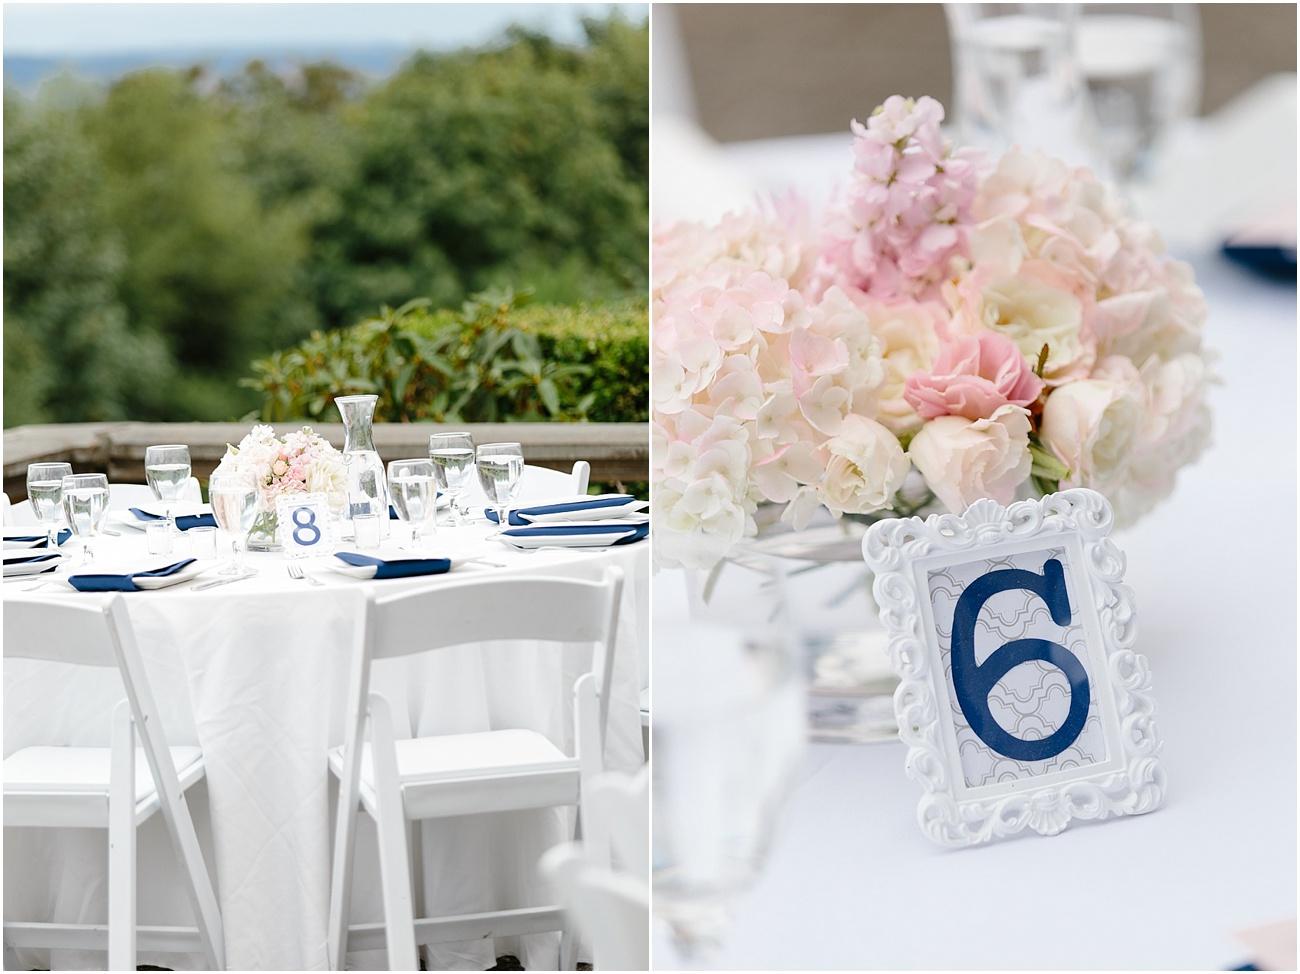 Thomas_WeyerhaeuserEstate_Tacom_Washington_Wedding_0068